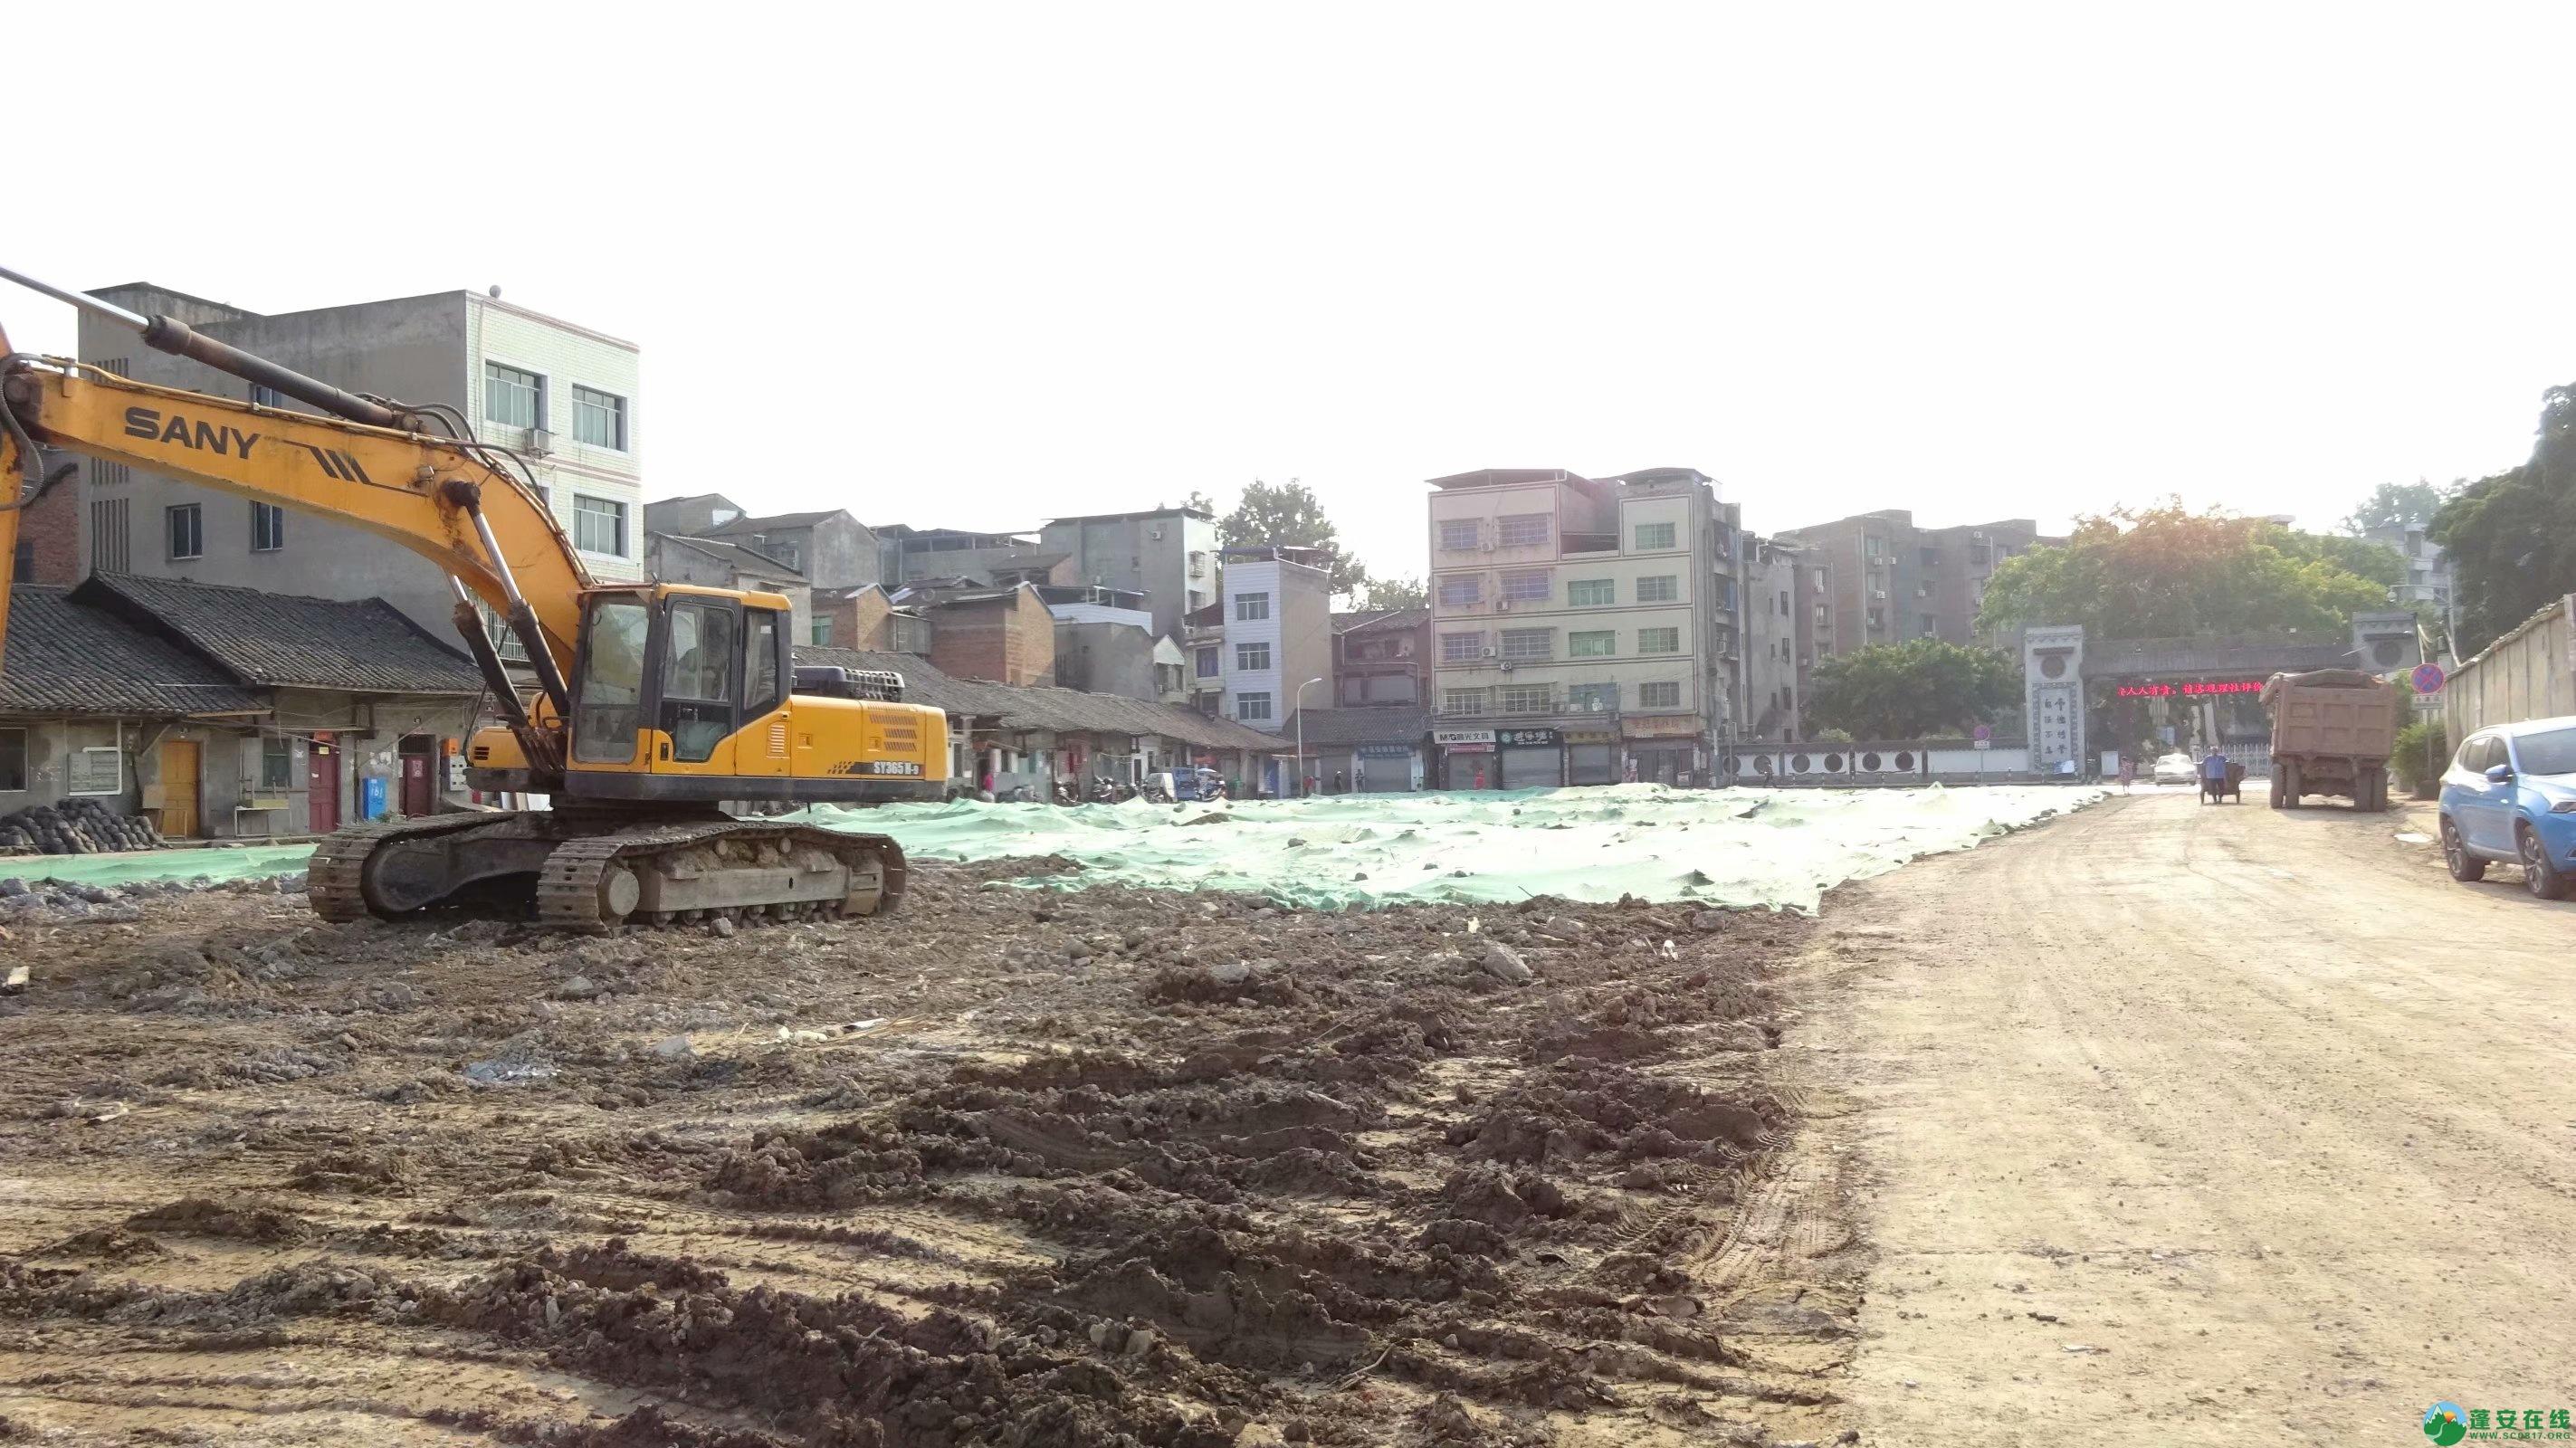 蓬安锦屏相如故城建设迅猛 - 第3张  | 蓬安在线